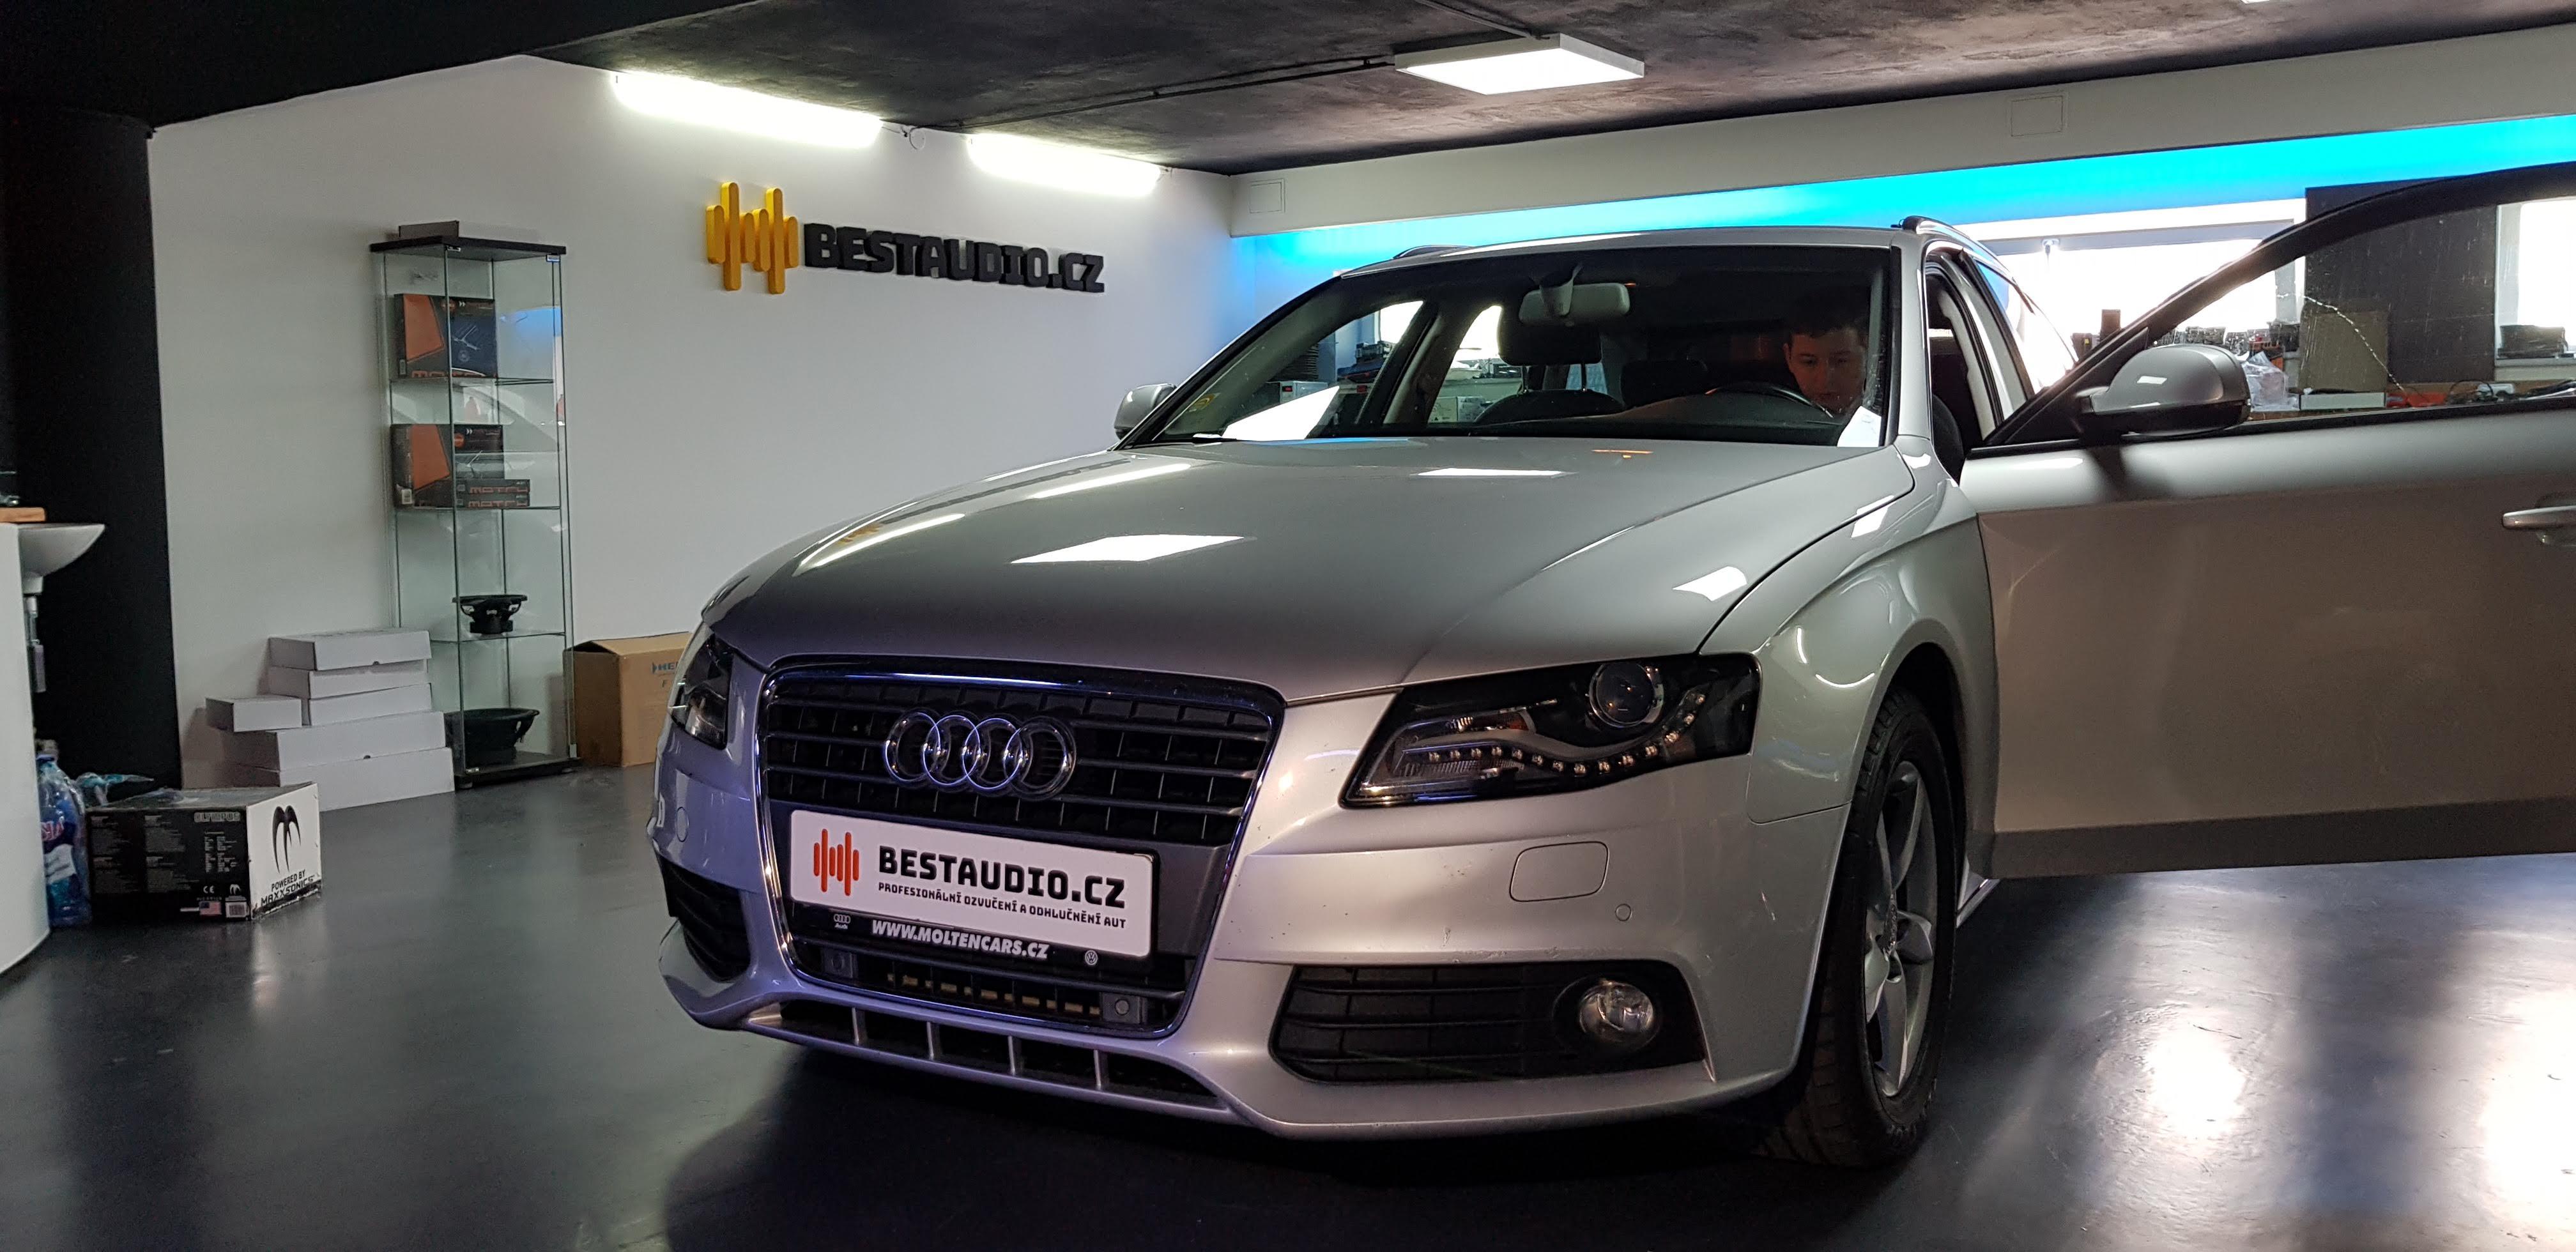 AUDI A4 2012 Avant– instalace zesilovače bez zásahu do vozu, přidání subwooferu